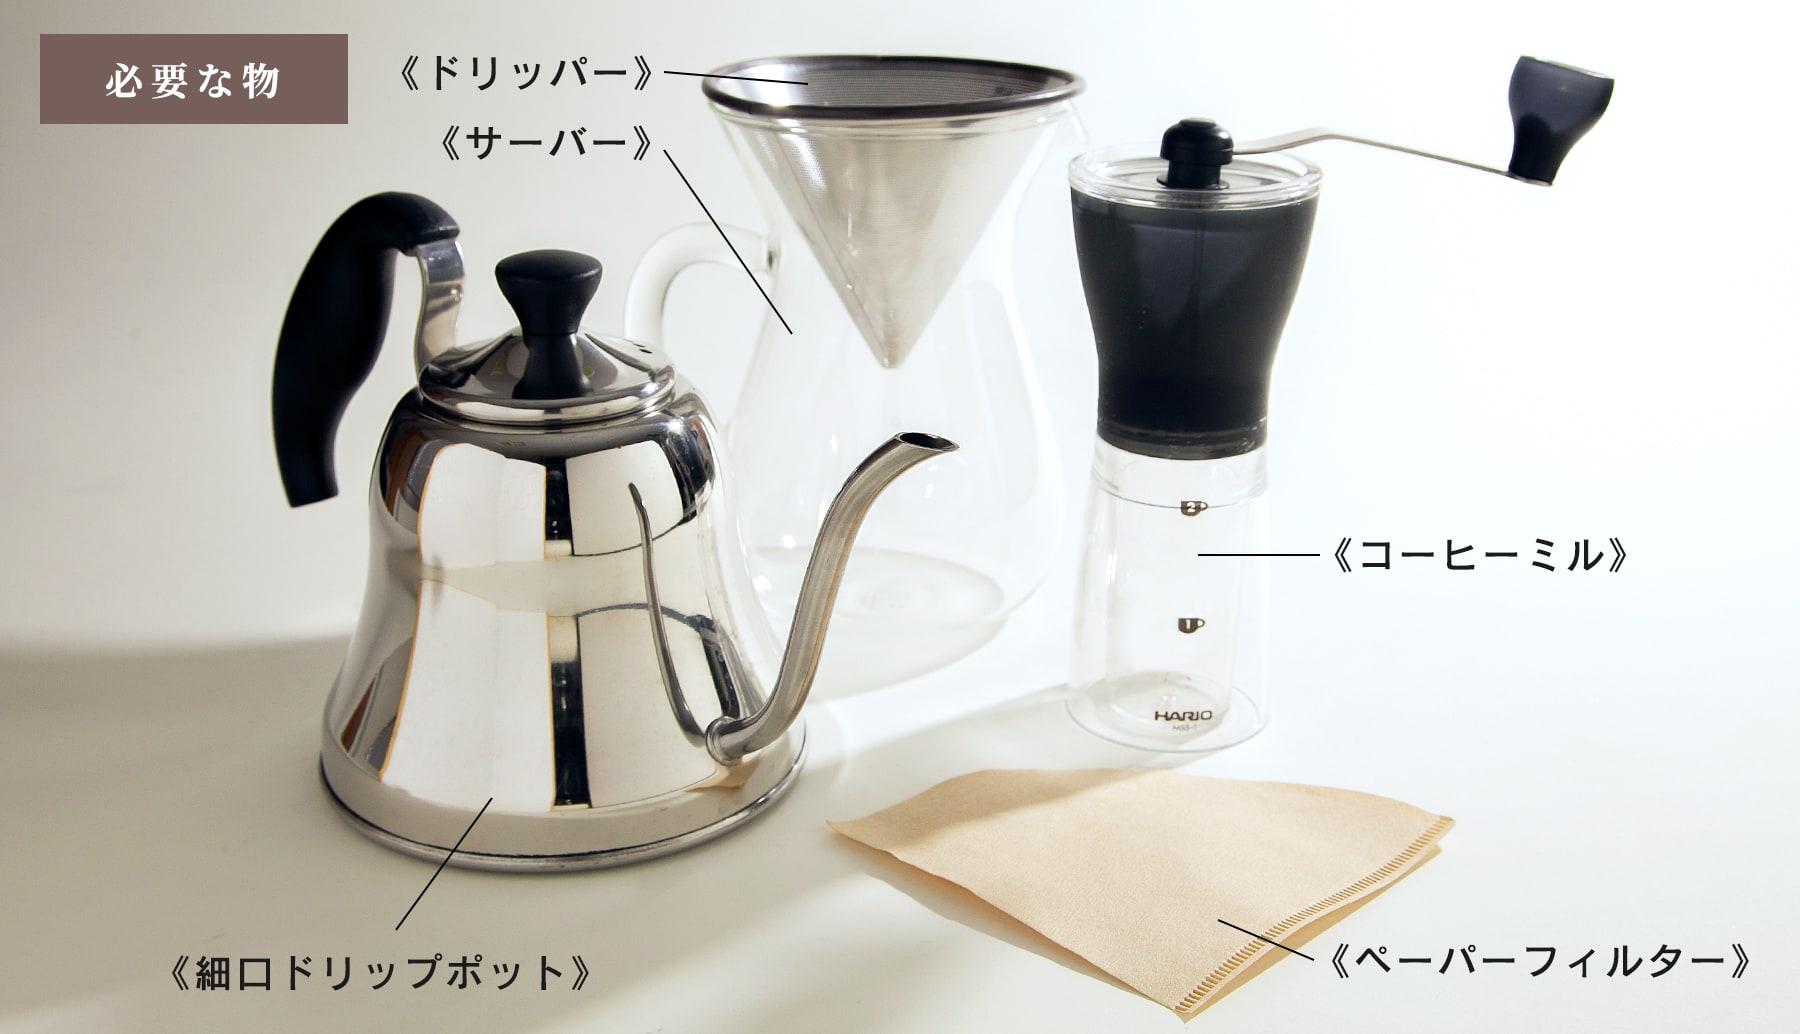 【必要な物】ドリッパー・サーバー・細口ドリップポット・コーヒーミル・ペーパーフィルター